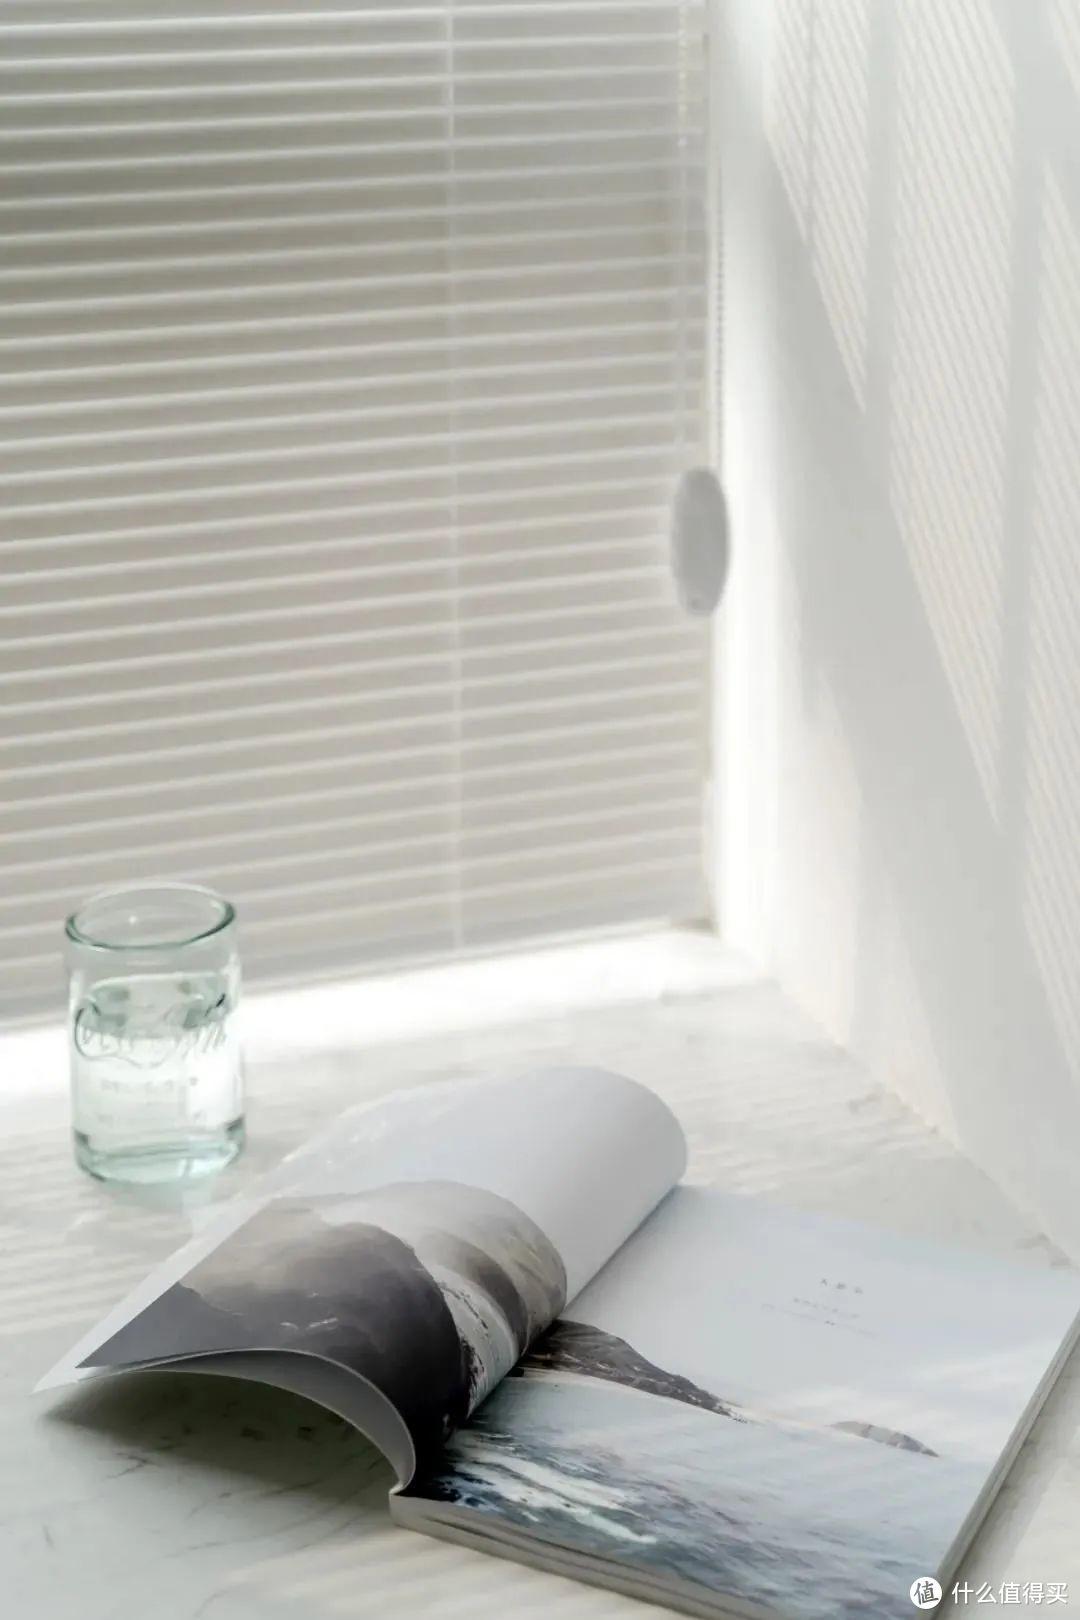 精选案例|自然清新的原木风,让你有了片刻放松舒适的感觉